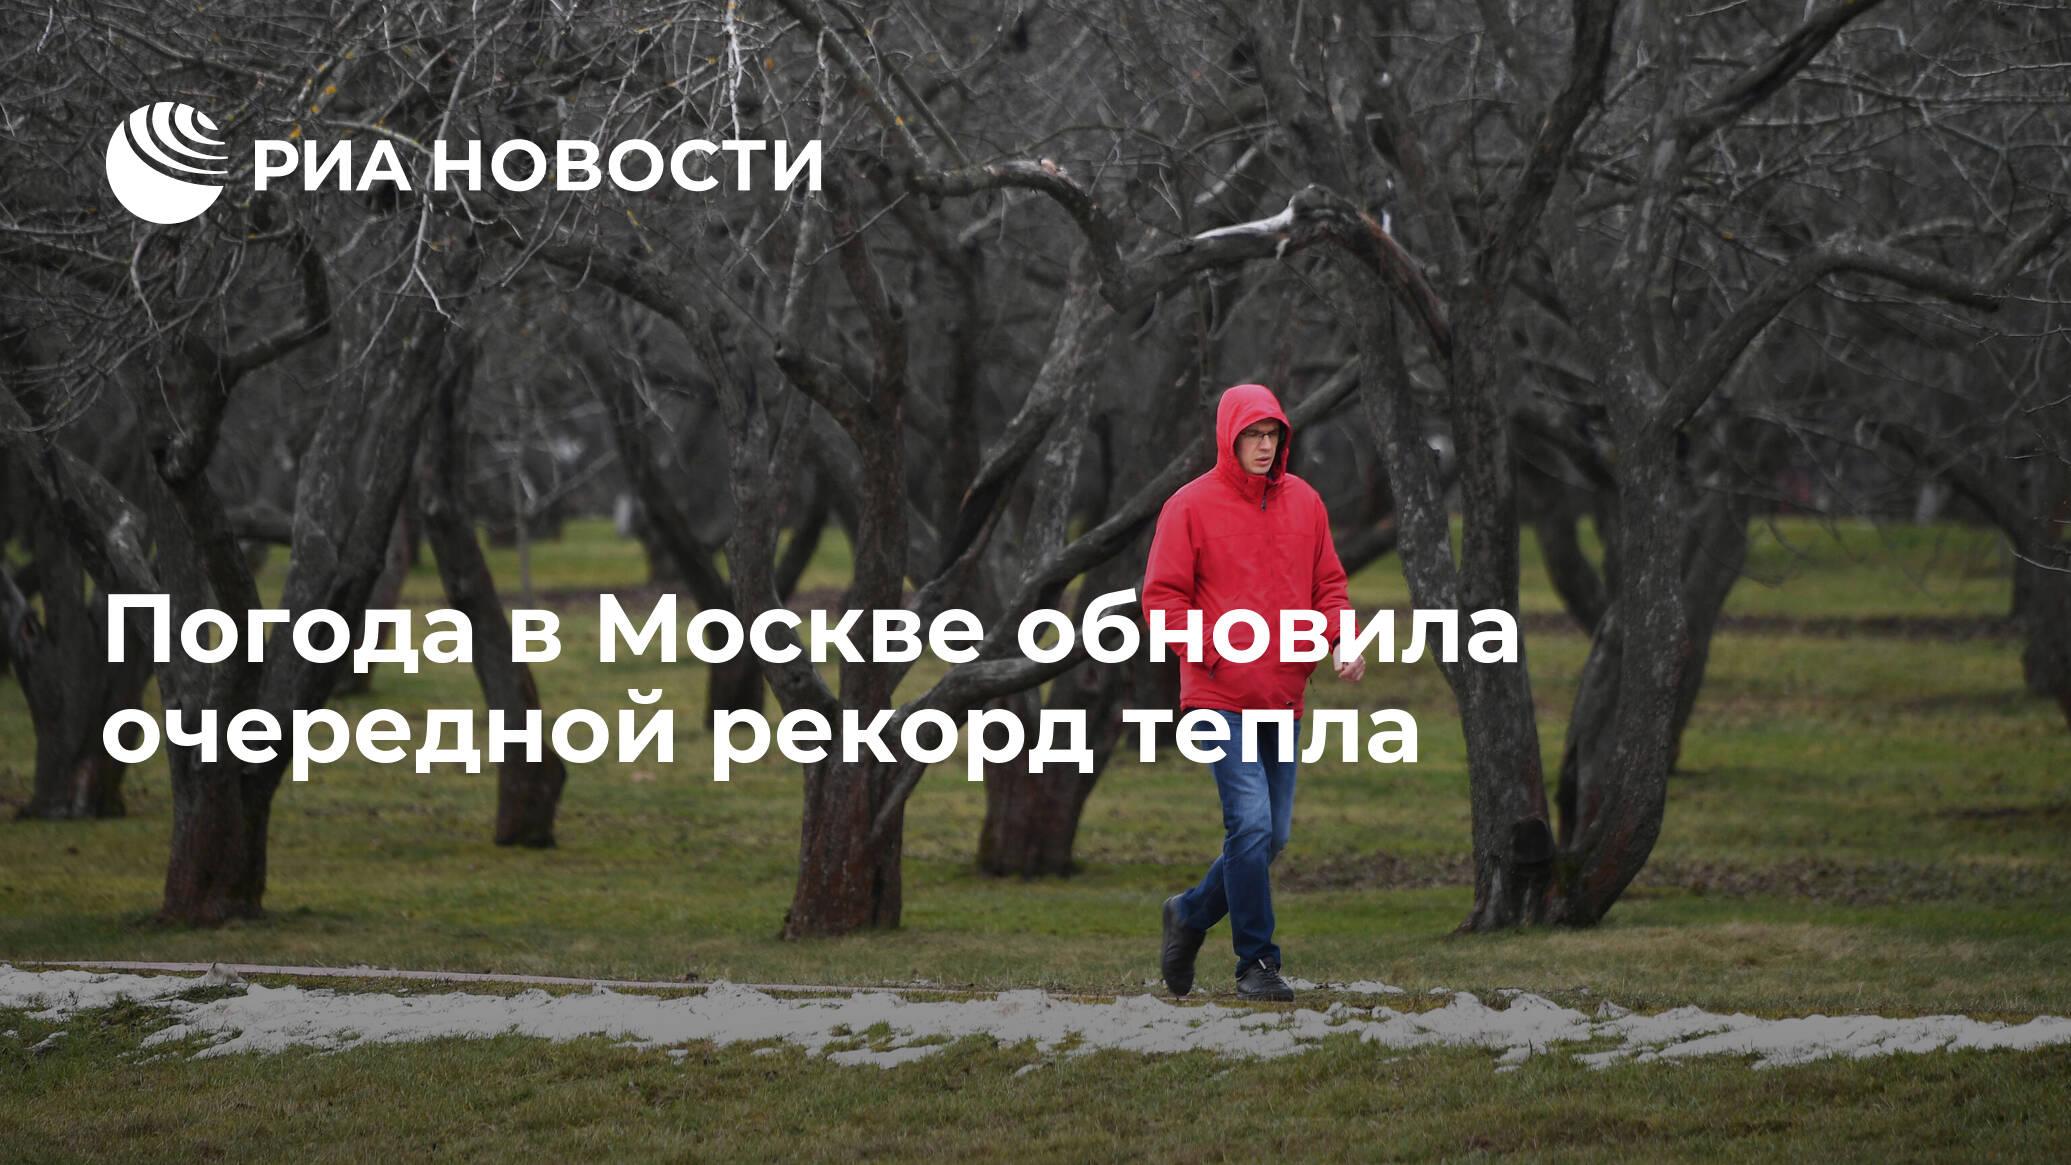 Погода в Москве обновила очередной рекорд тепла